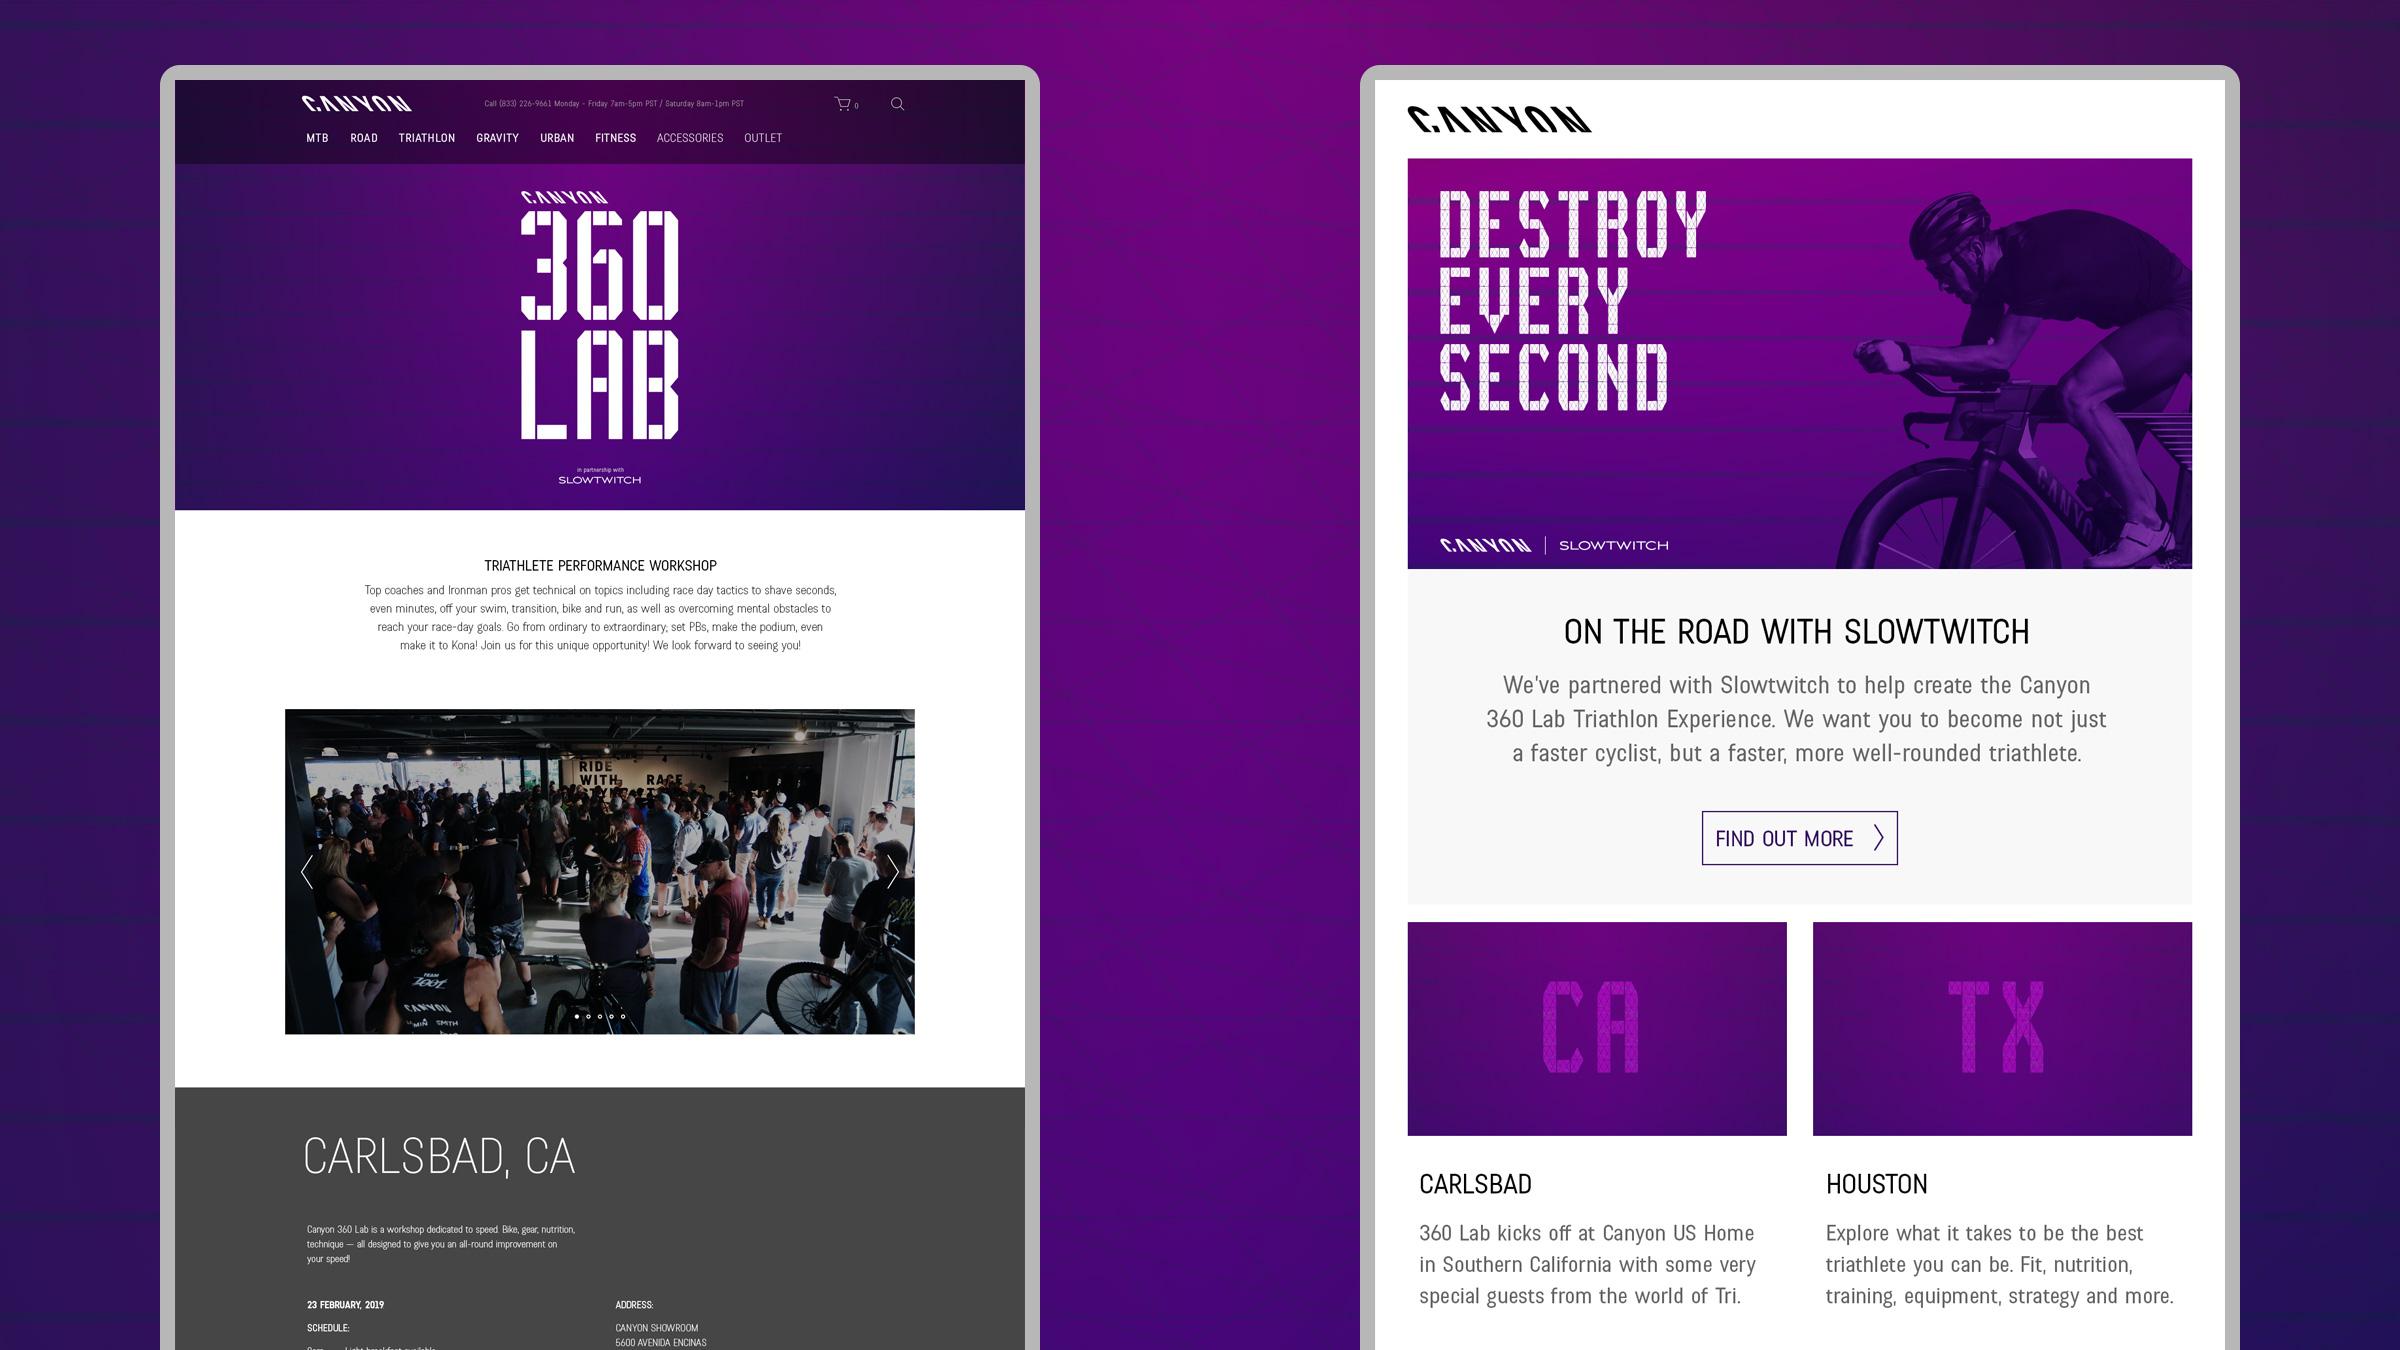 360 Lab digital assets